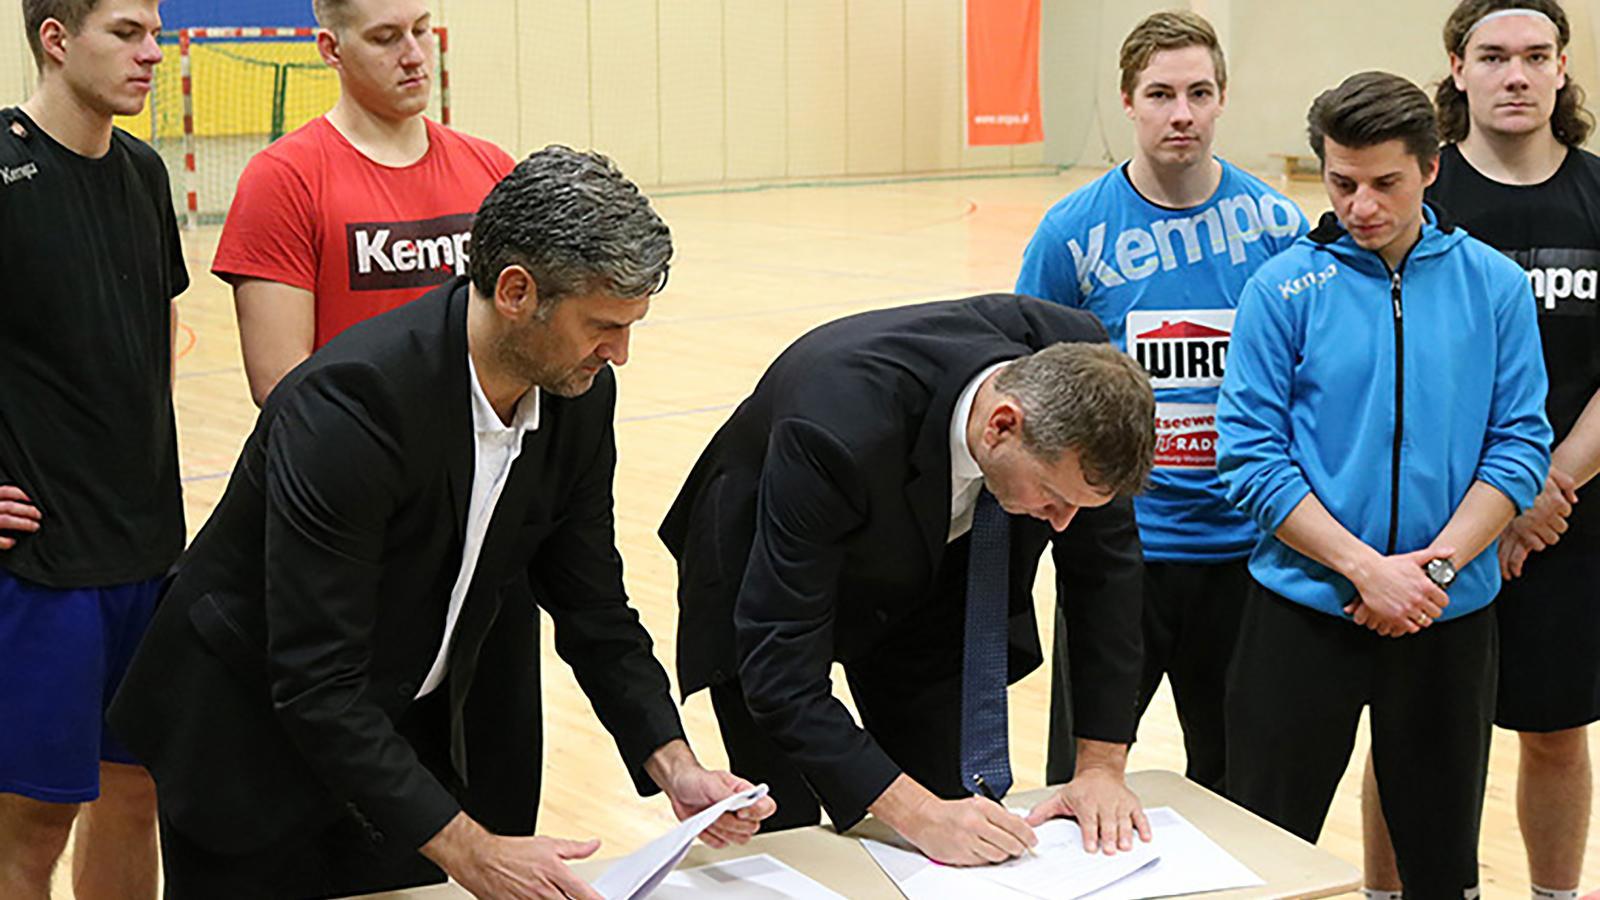 Stephan Stübe (HC EMPOR - Geschäftsführer) und Oliver Brünnich (Vorstandvorsitzender der Rostocker Stadtwerke) bei der Vertragsunterzeichnung.